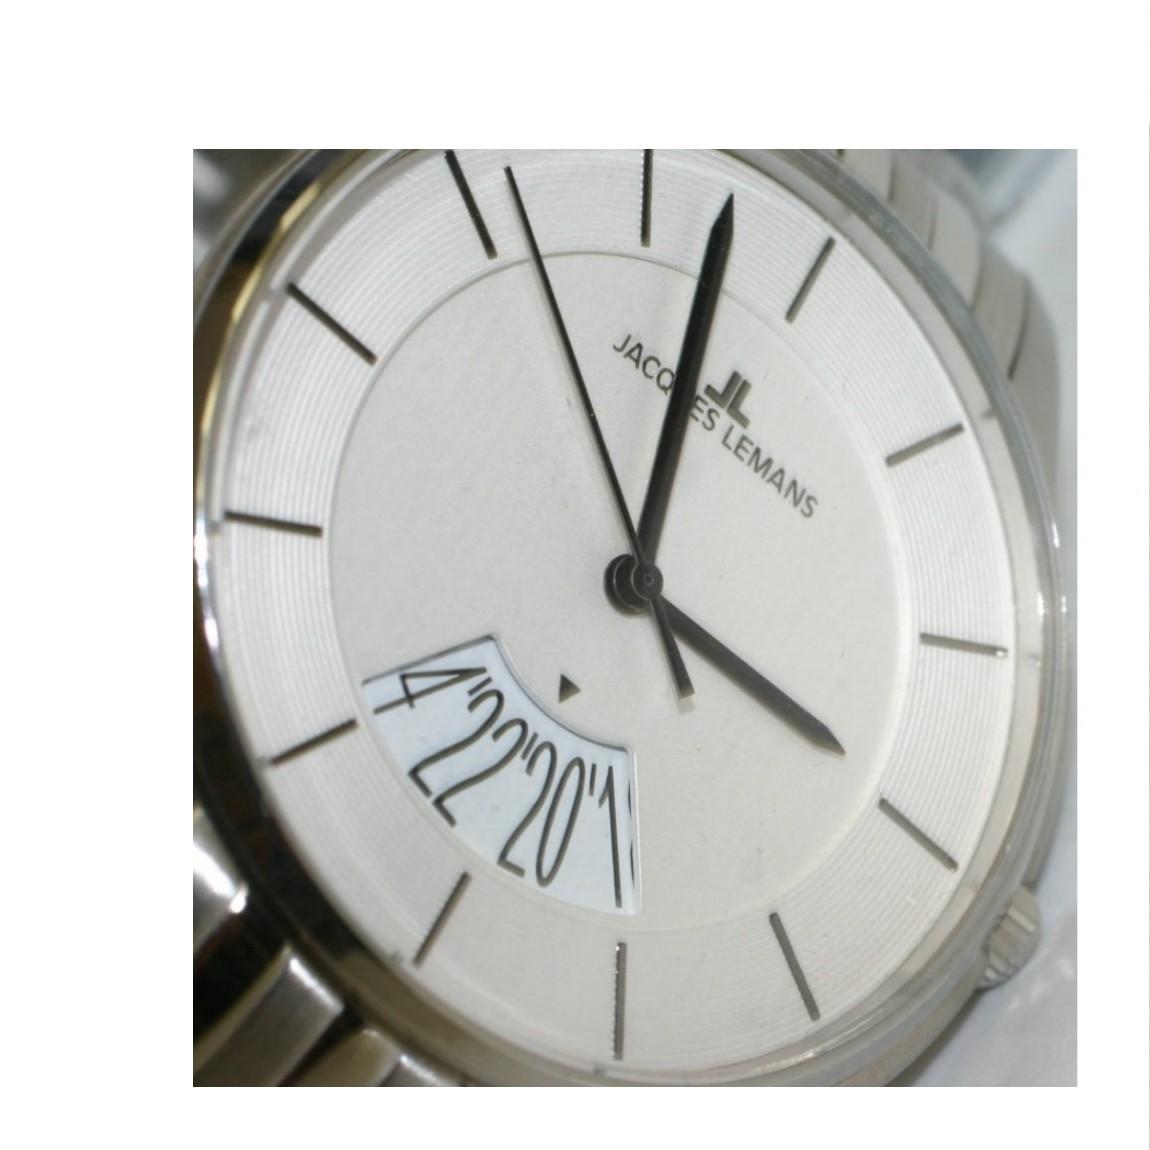 【中古】本物新品未使用ハリウッドセレブに人気のジャックルマンシルバーケース白い文字盤薄い腕時計1-11B定価26000円 ○A12-63